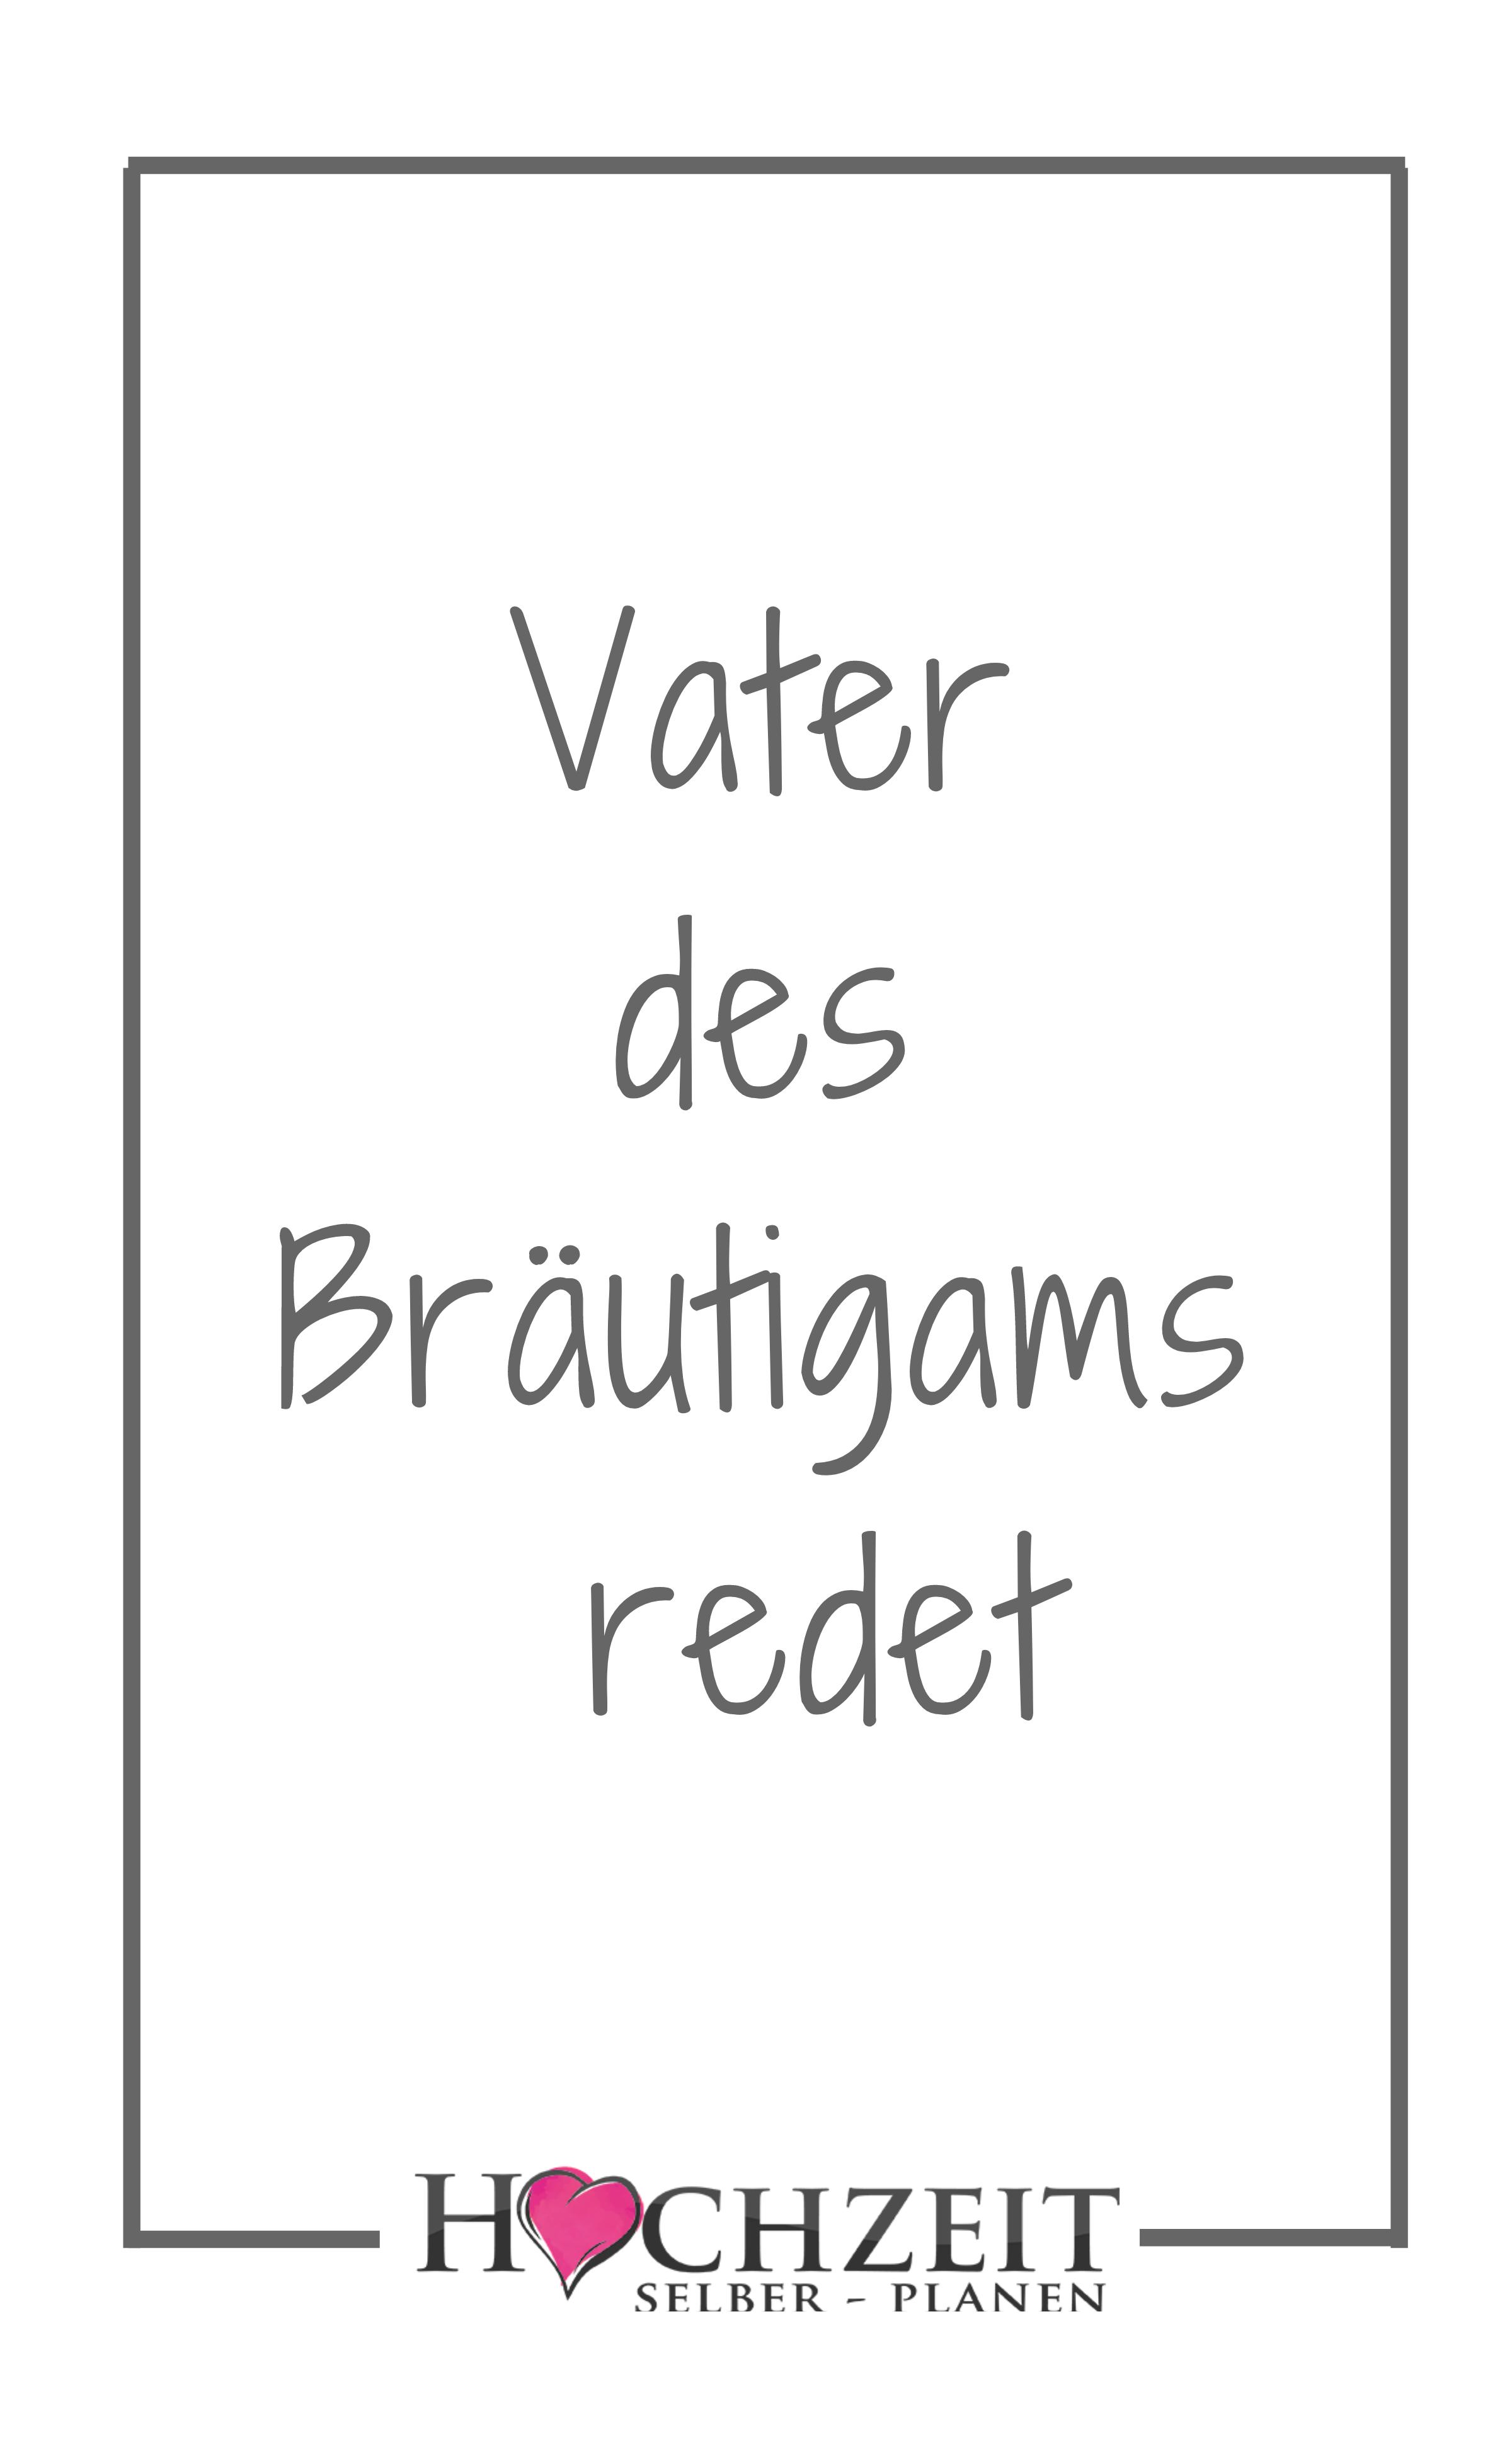 Vater Des Brautigams Redet Hochzeitsrede Brautigam Brautigam Rede Brautigam